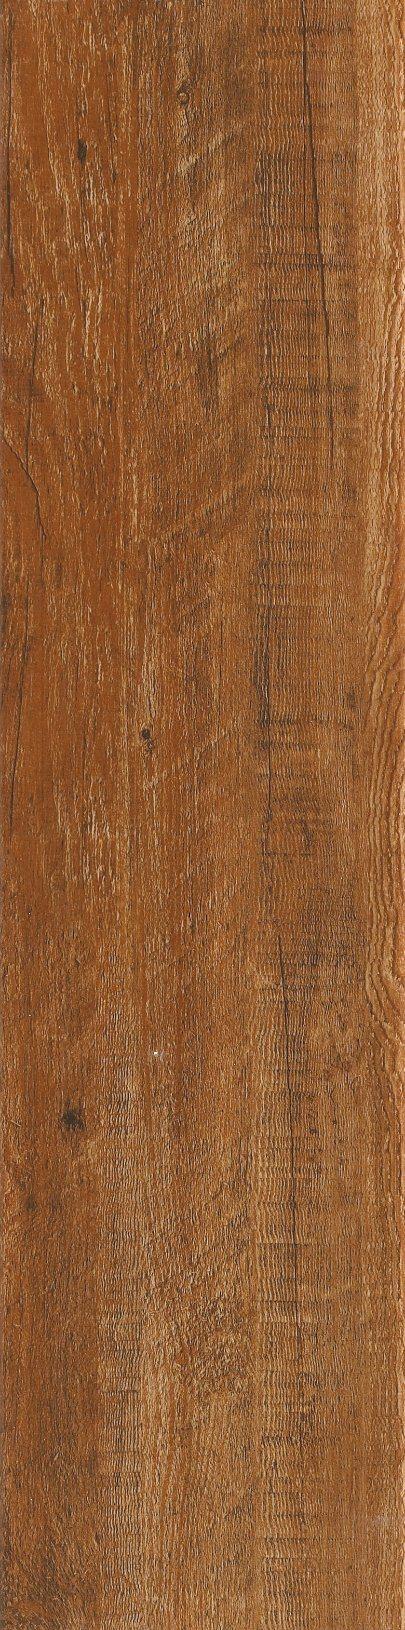 Mf615840/Mf615850 Wooden Pattern Porcelain Tile Glazed Surface Antique /Rustic Floor Tile